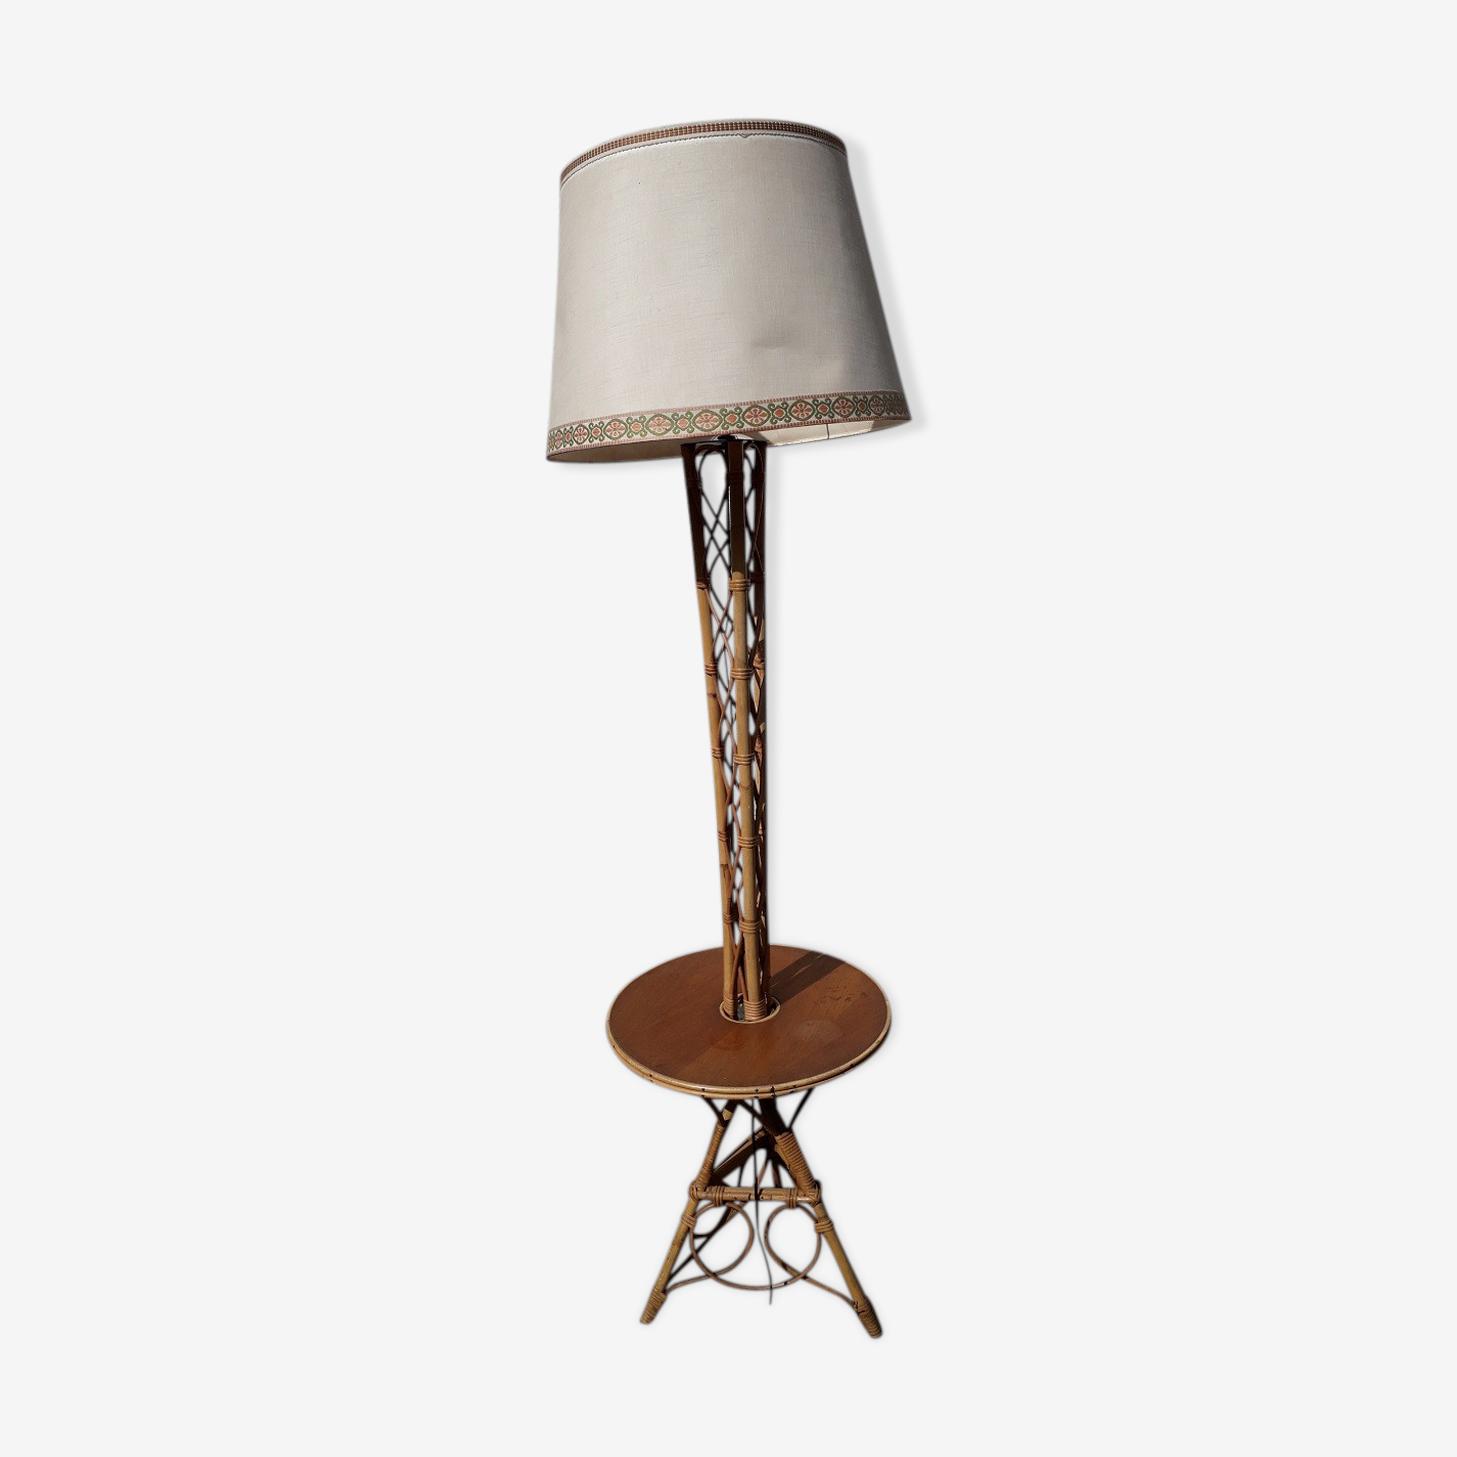 60's rattan floor lamp